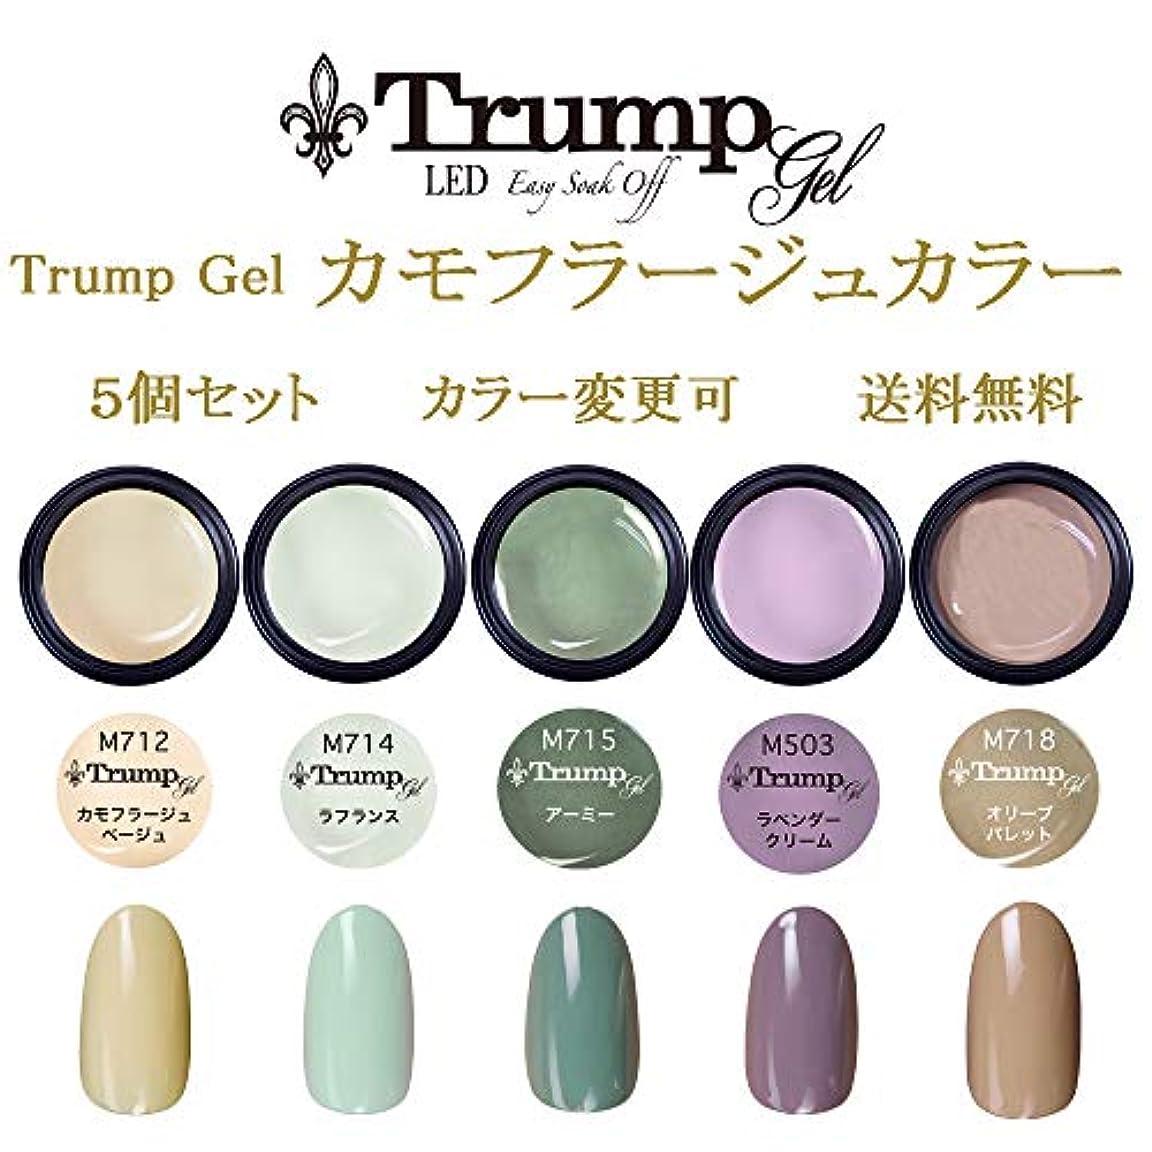 続ける月面閉塞【送料無料】Trumpカモフラージュカラー選べるカラージェル5個セット